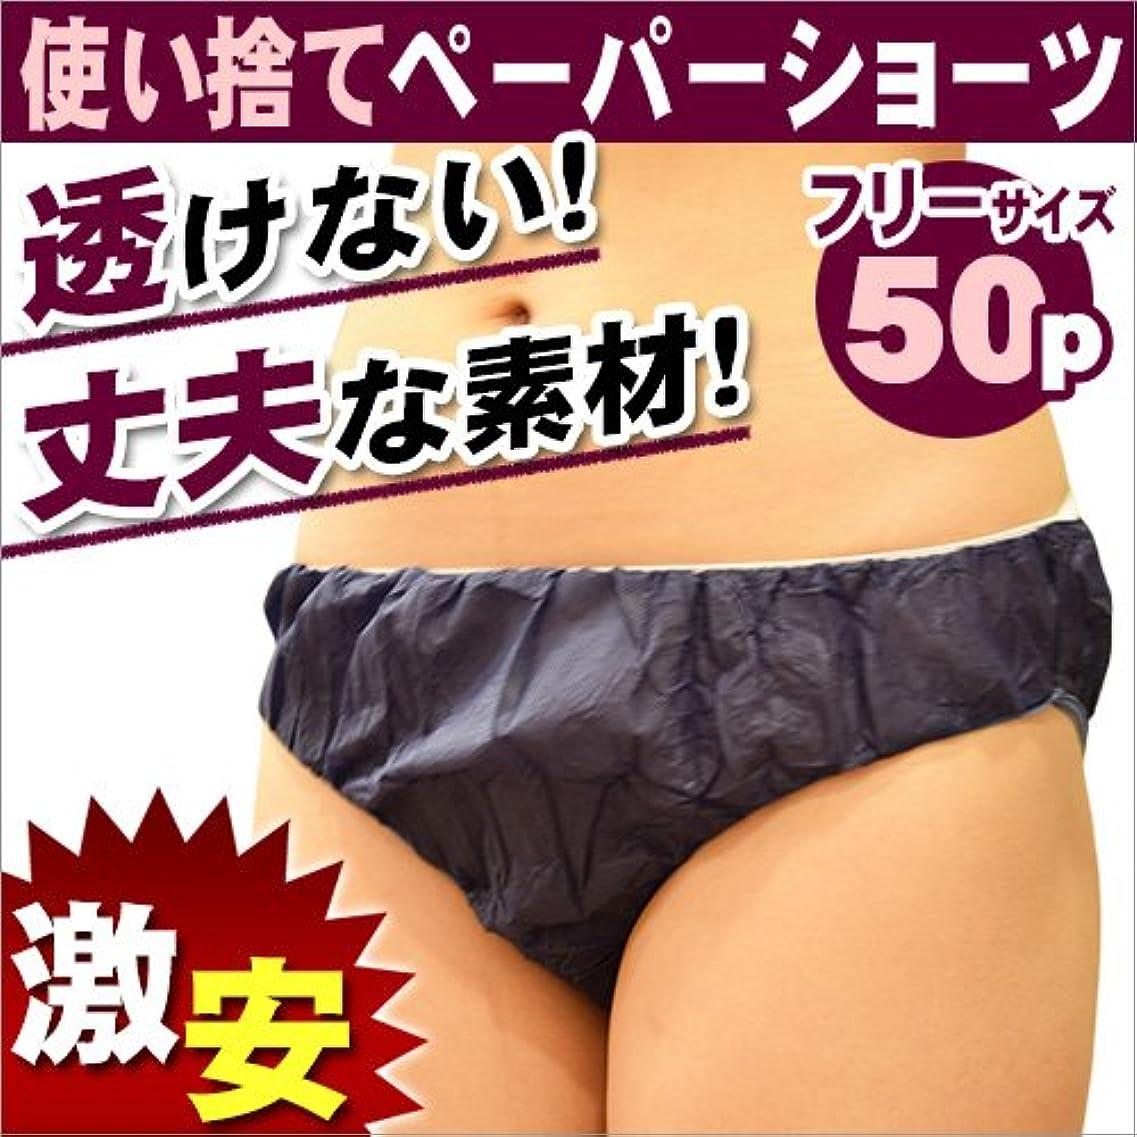 きゅうりビヨンカラスペーパーショーツ(紺)50枚